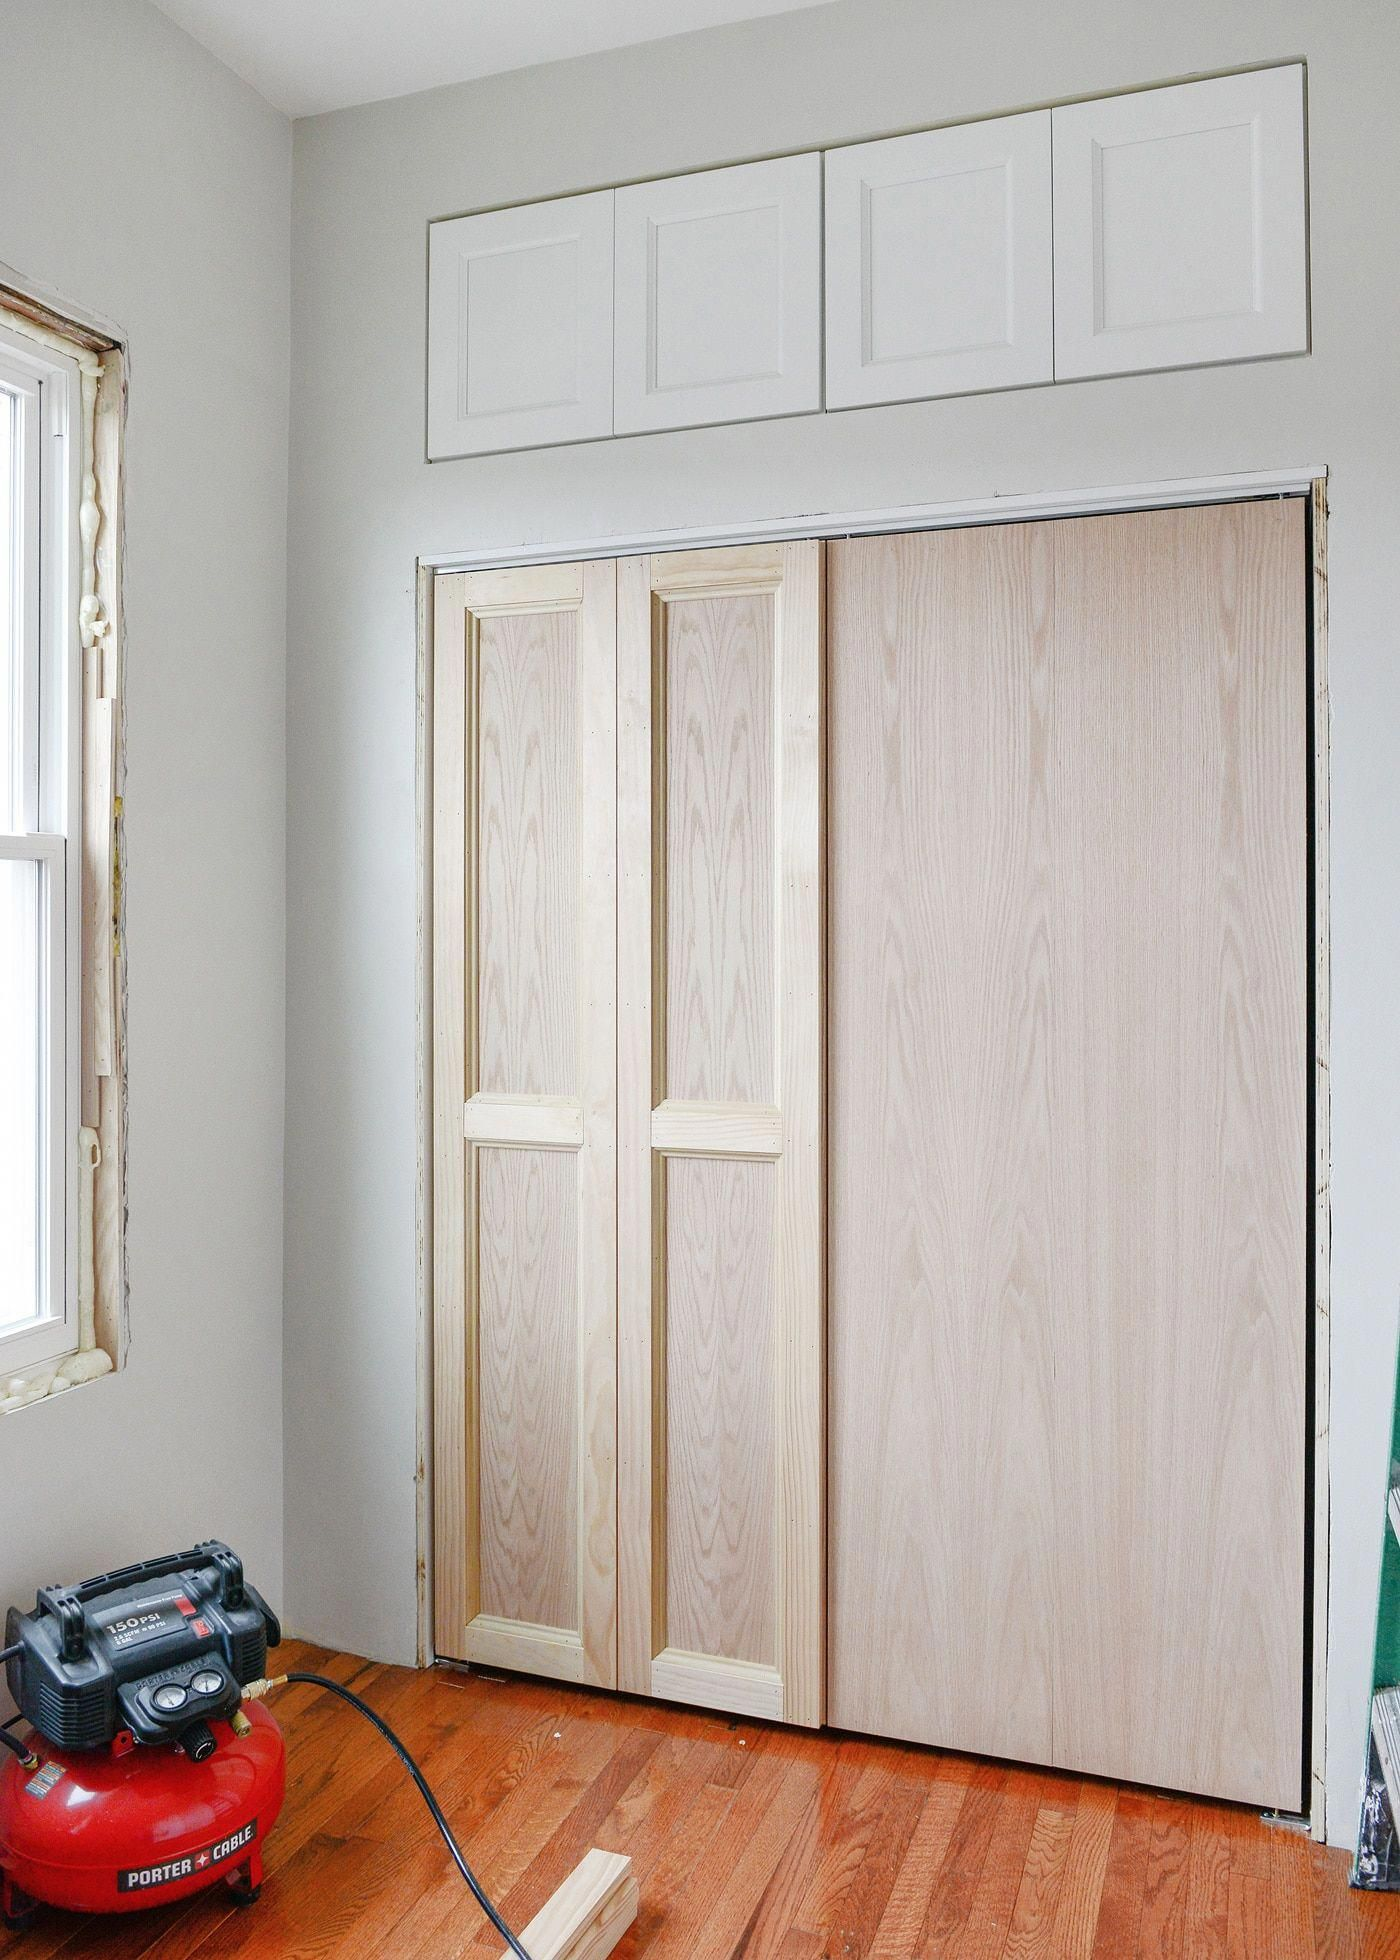 External Oak Doors Interior Glazed Doors 30 Inch Frosted Glass Interior Door 20191017 Bifold Doors Makeover Closet Door Makeover Door Makeover Diy